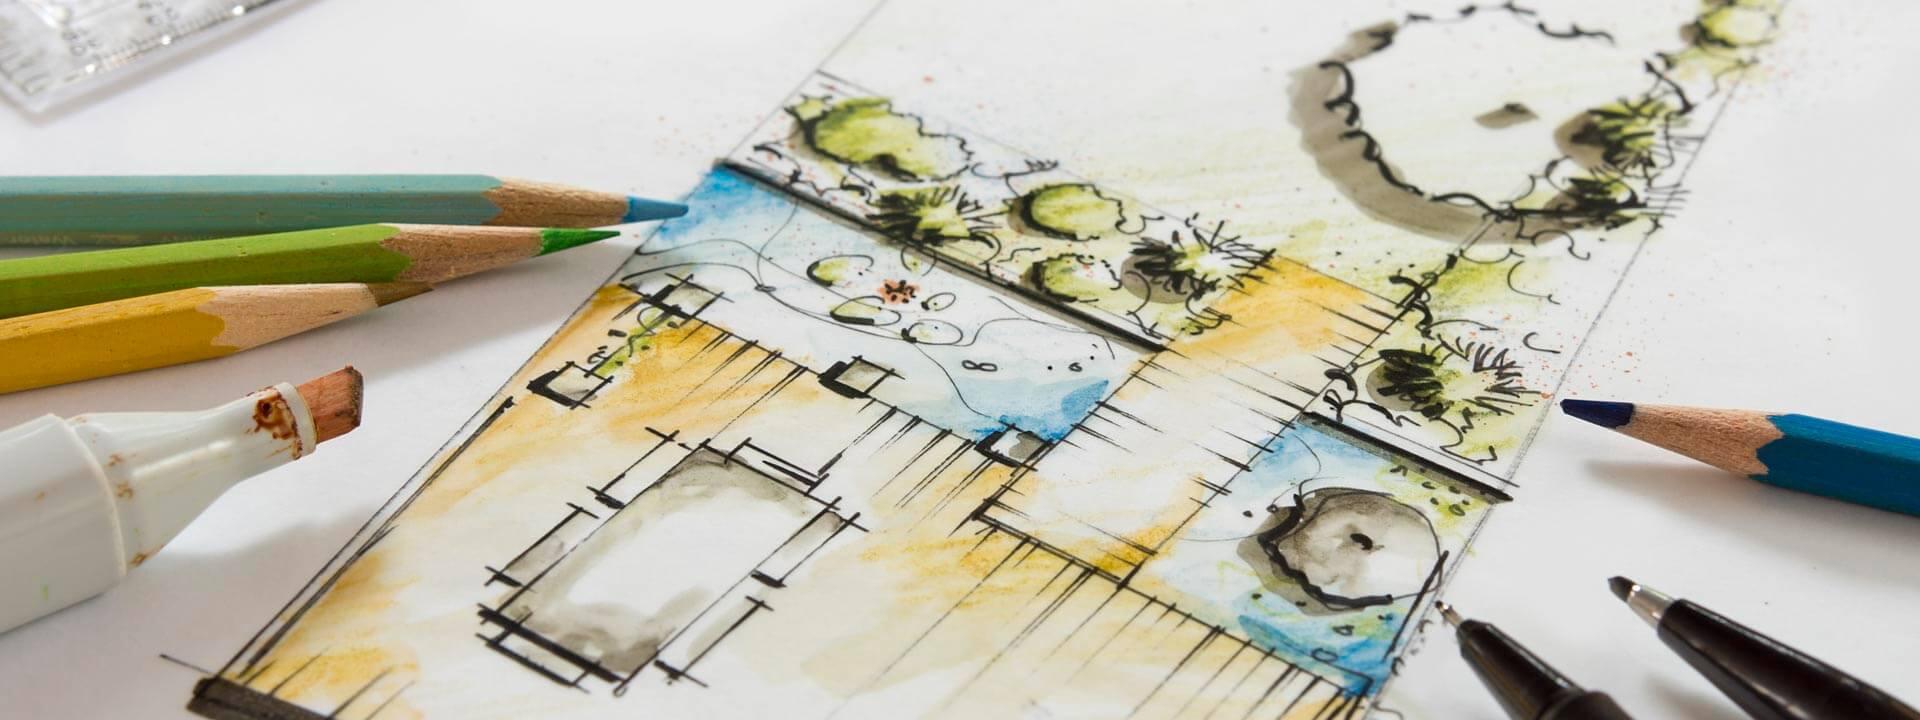 Von Hand erstellte Planskizze